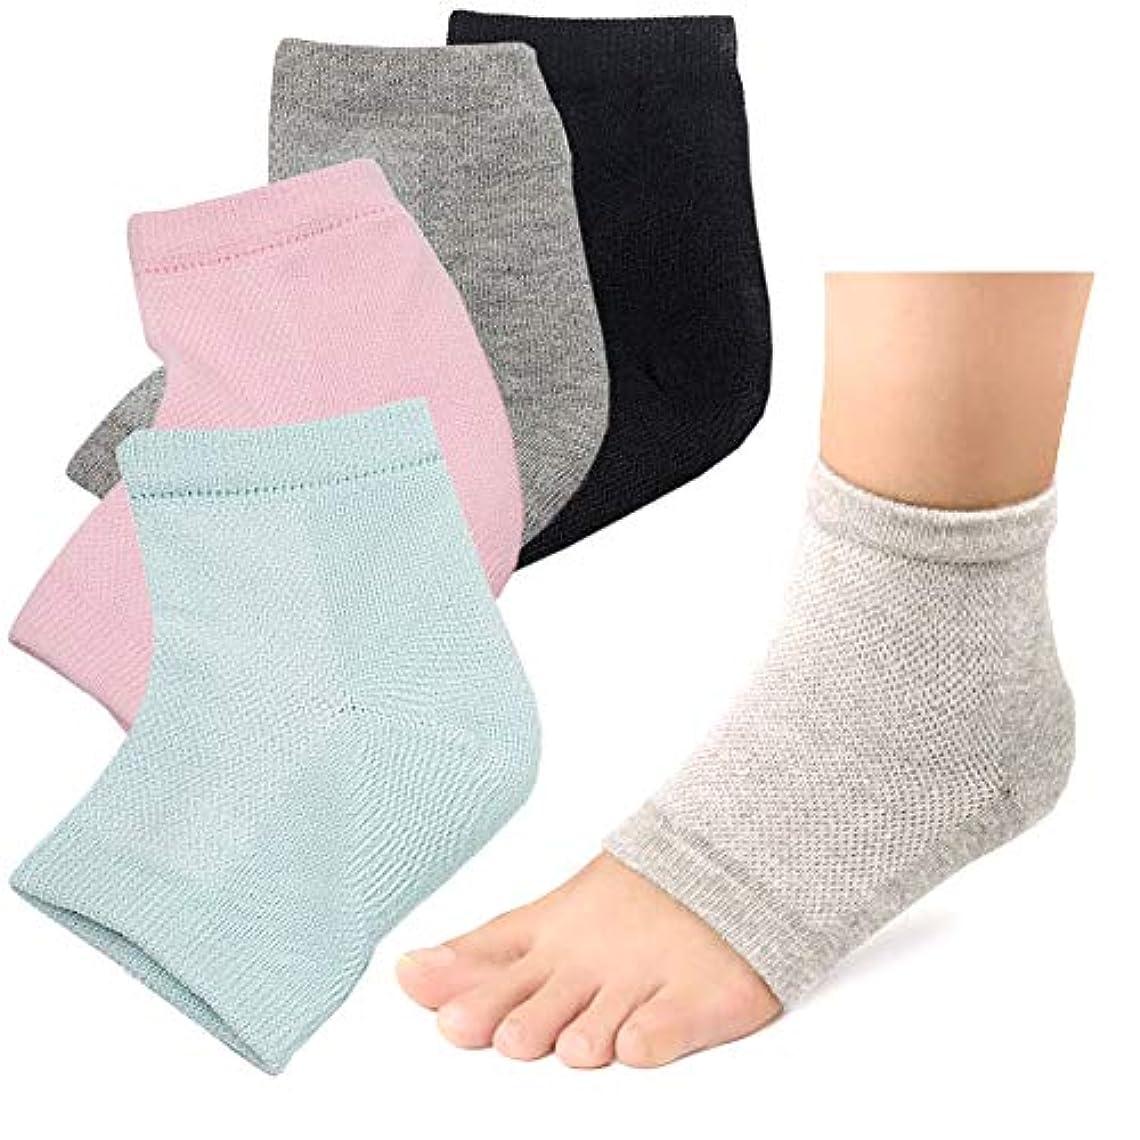 大惨事ウォーターフロント音節かかと 靴下 ソックス つるつる 2足セット かかとケア かかとサポーター ひび割れ対策 角質ケア (ブラック/グリーン)